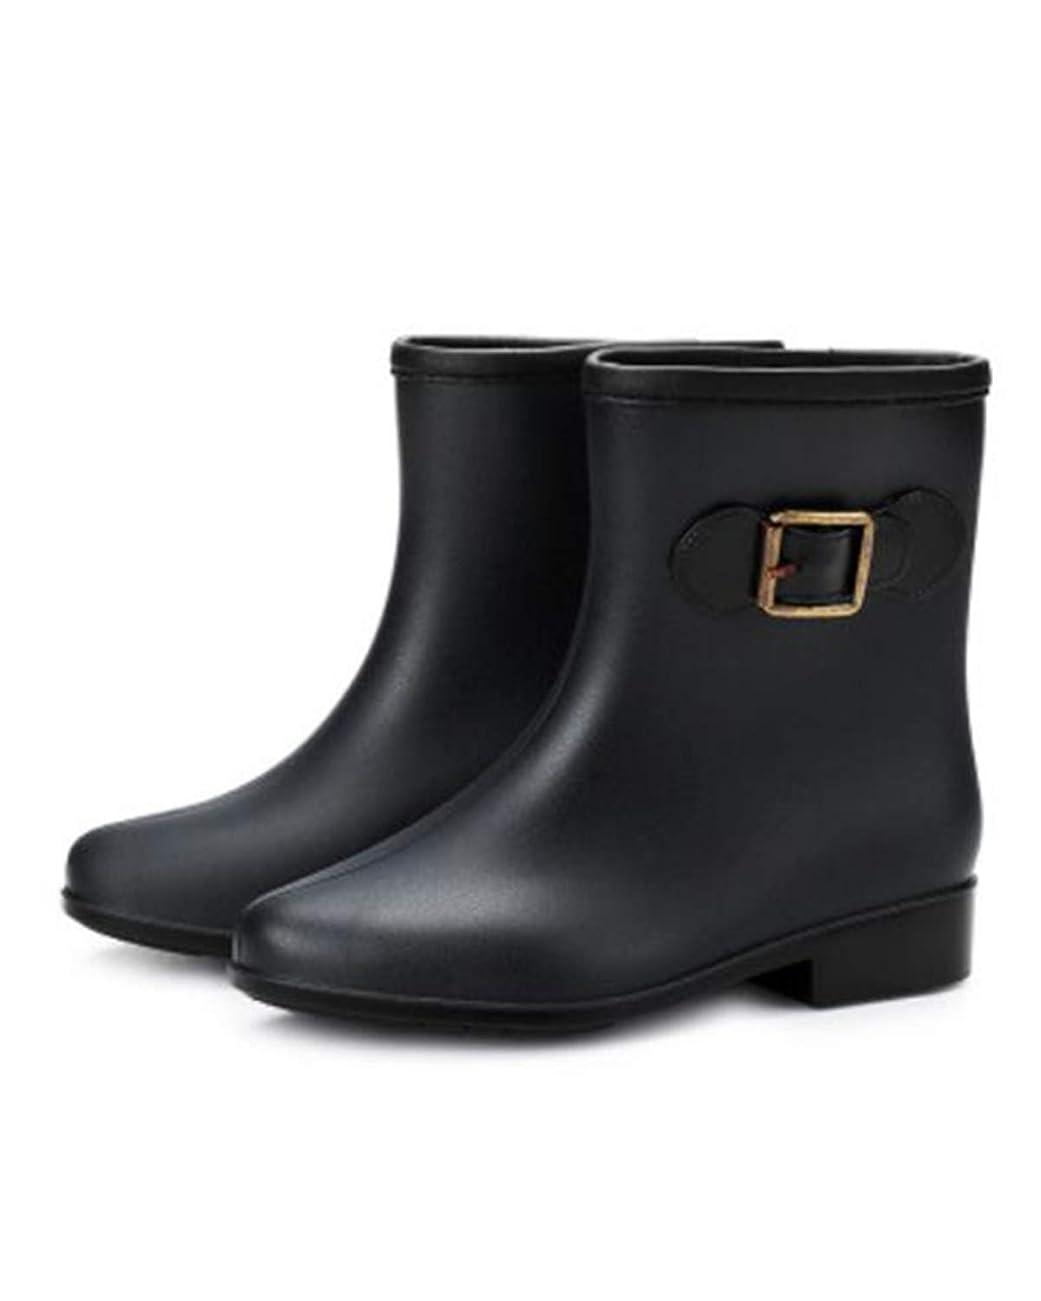 後者嫌悪エピソード[Ininuk] レインシューズ レディース ミドル丈 レインシューズ 長靴 可愛い 丈夫 婦人靴 ラバーブーツ おしゃれ 防水 雨靴 梅雨対策 歩きやすい 無地 快適 防水 耐滑 通勤 通学 アウトドア